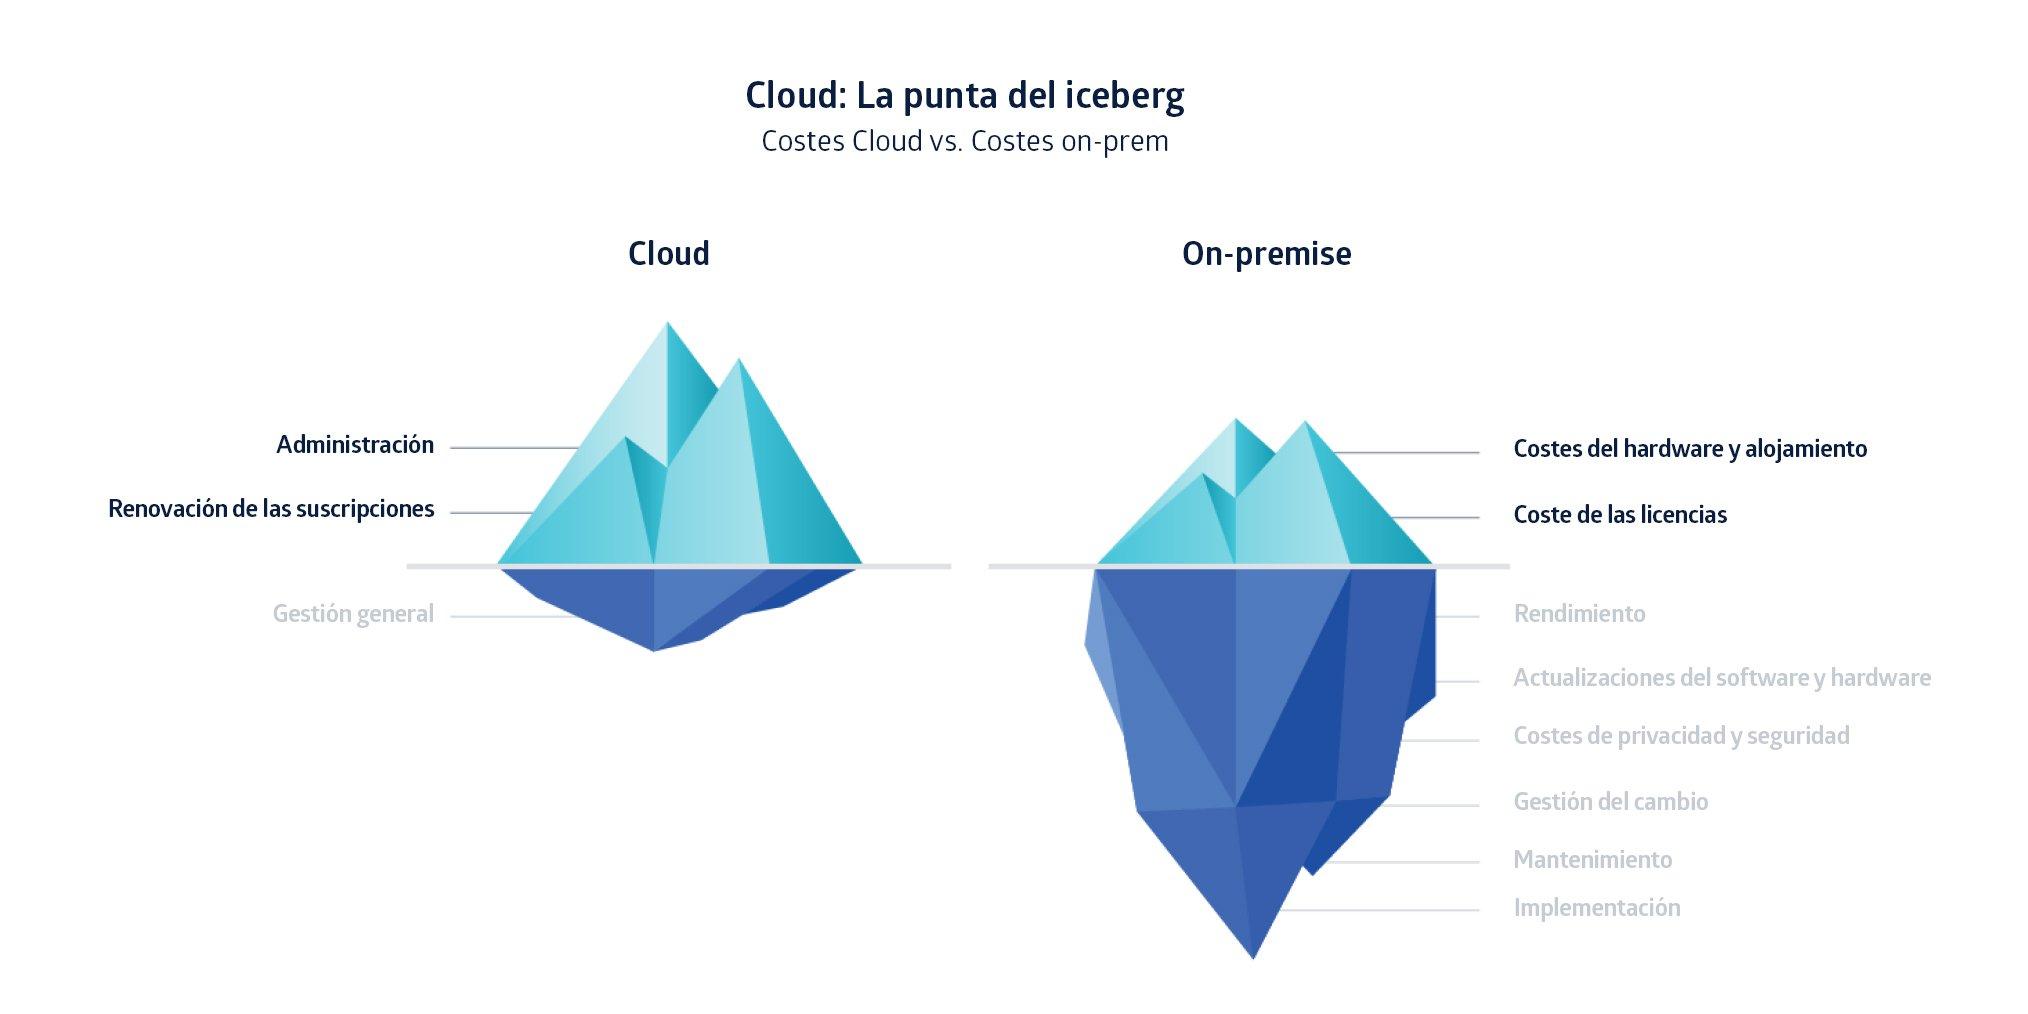 Atlassian Cloud es la opción más económica para las empresas a largo plazo